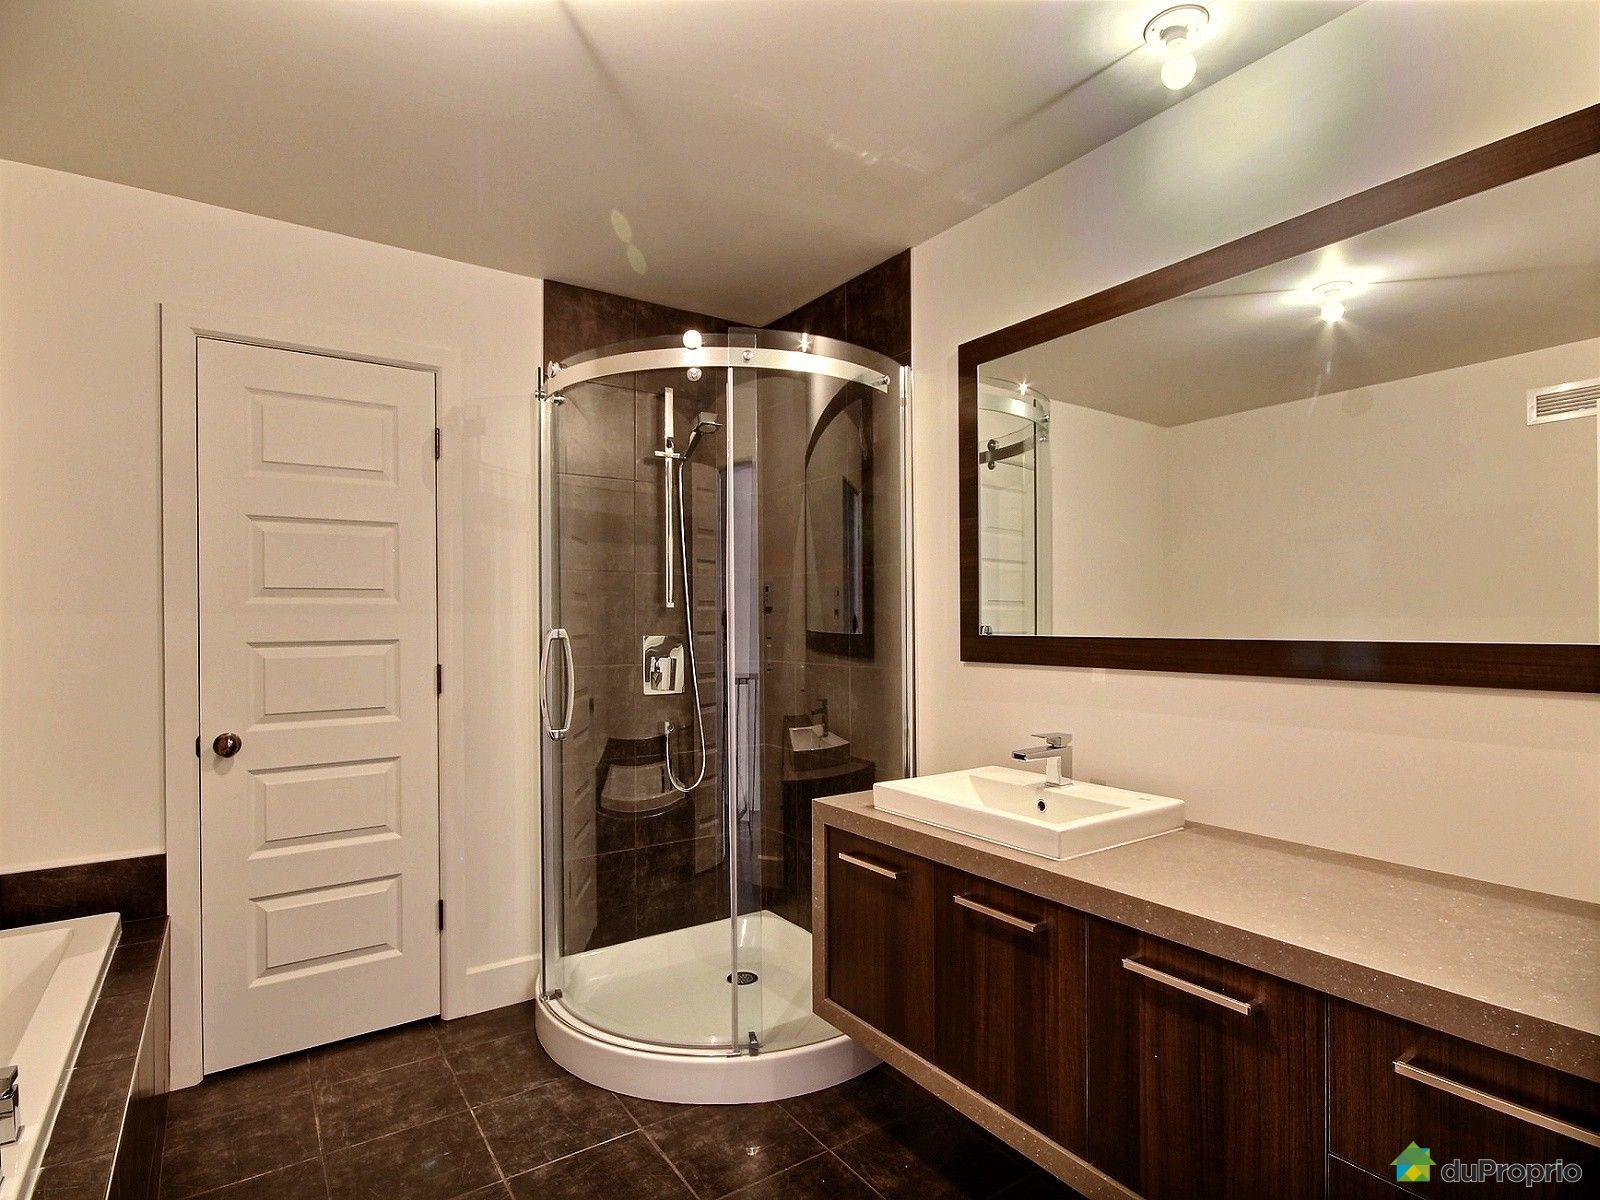 Salle De Bain Ouverte Sur Chambre Construire  Salle de bain ouverte